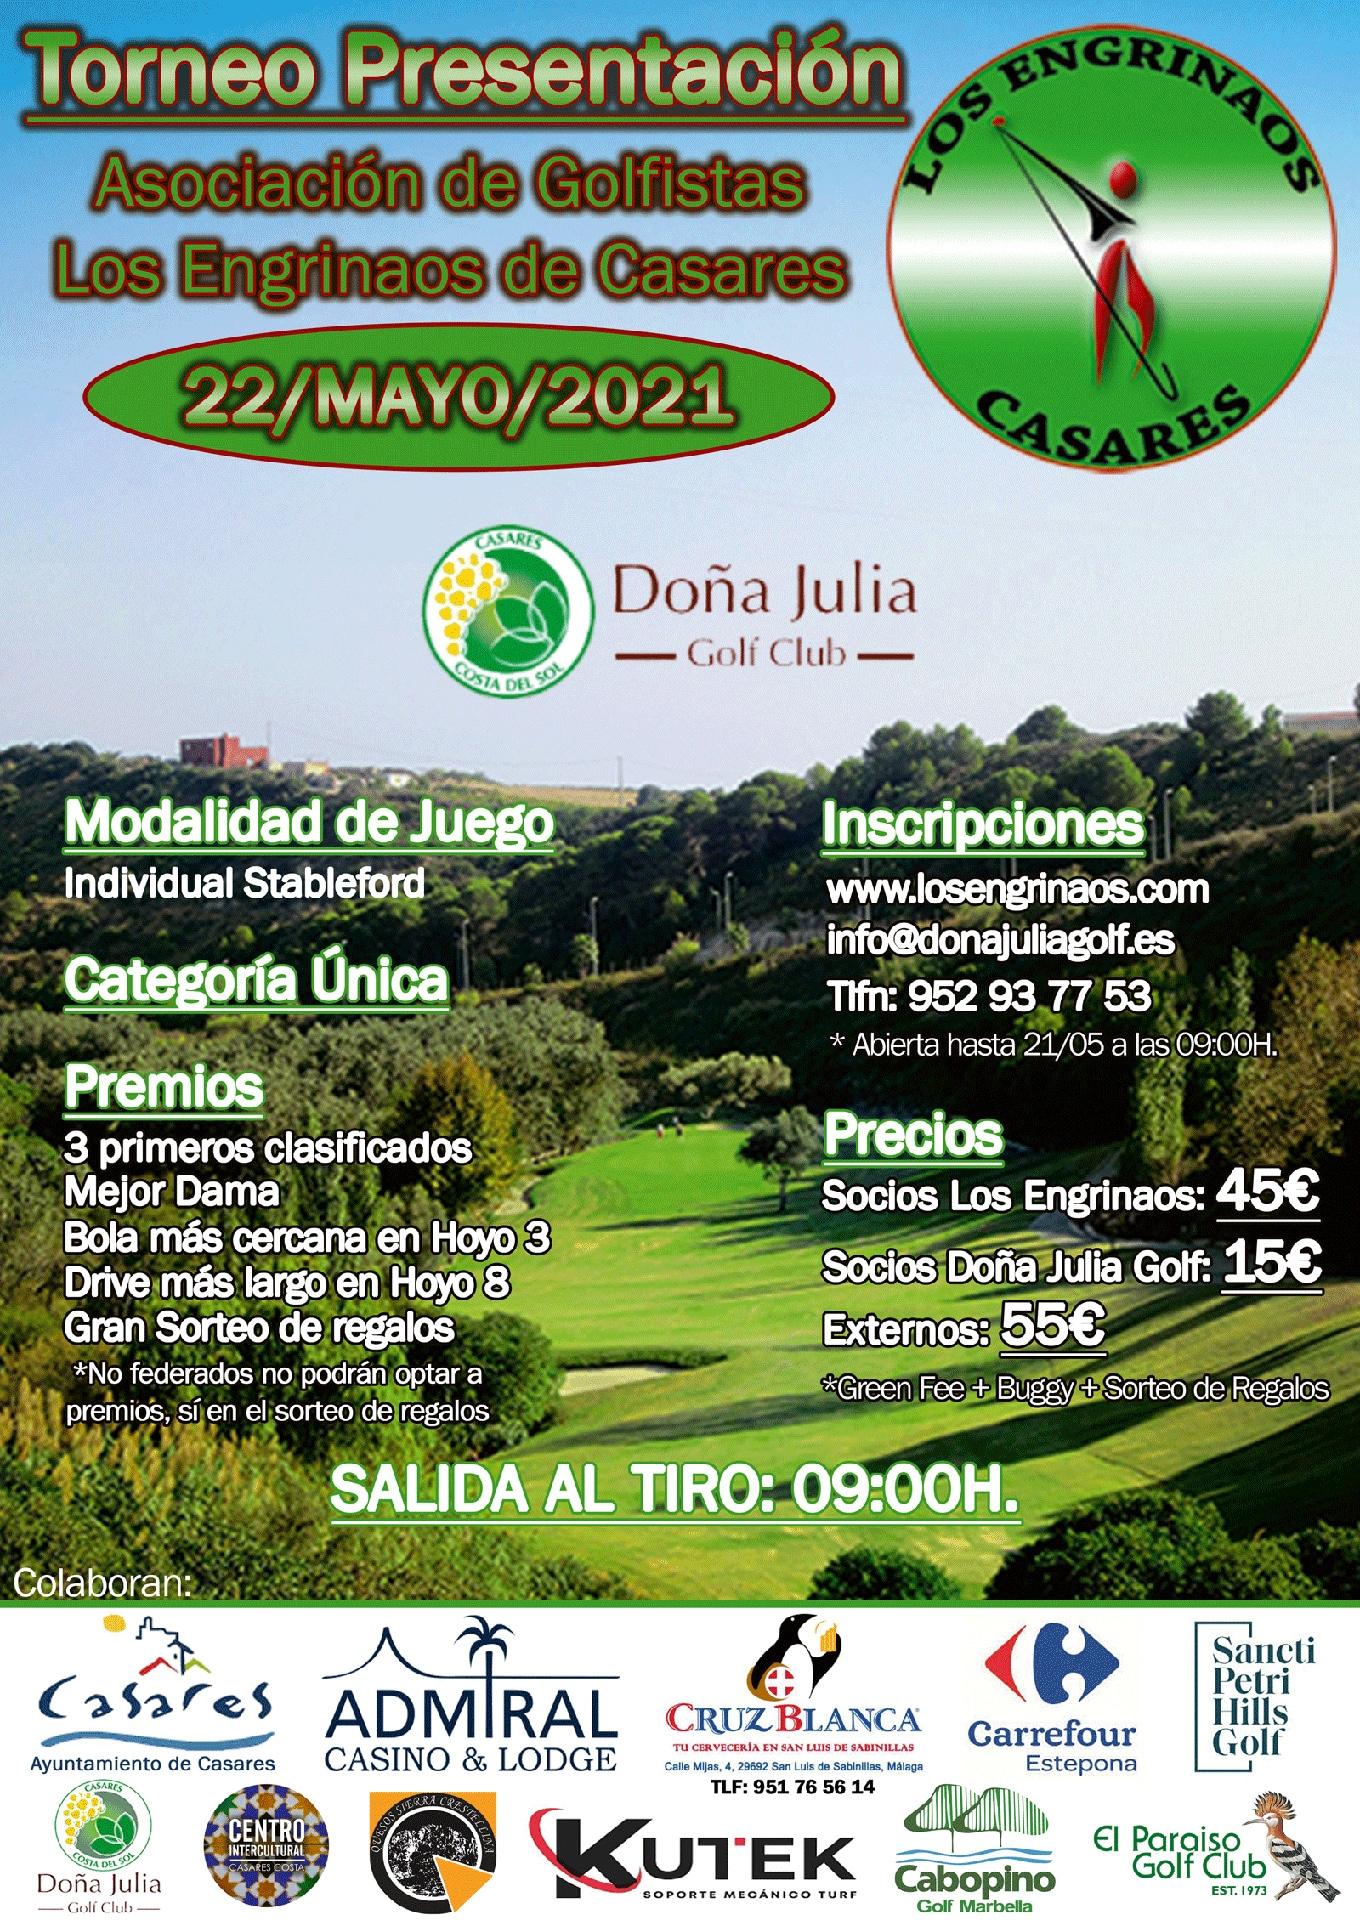 torneo presentación asociación de golfistas los engrinaos de casares